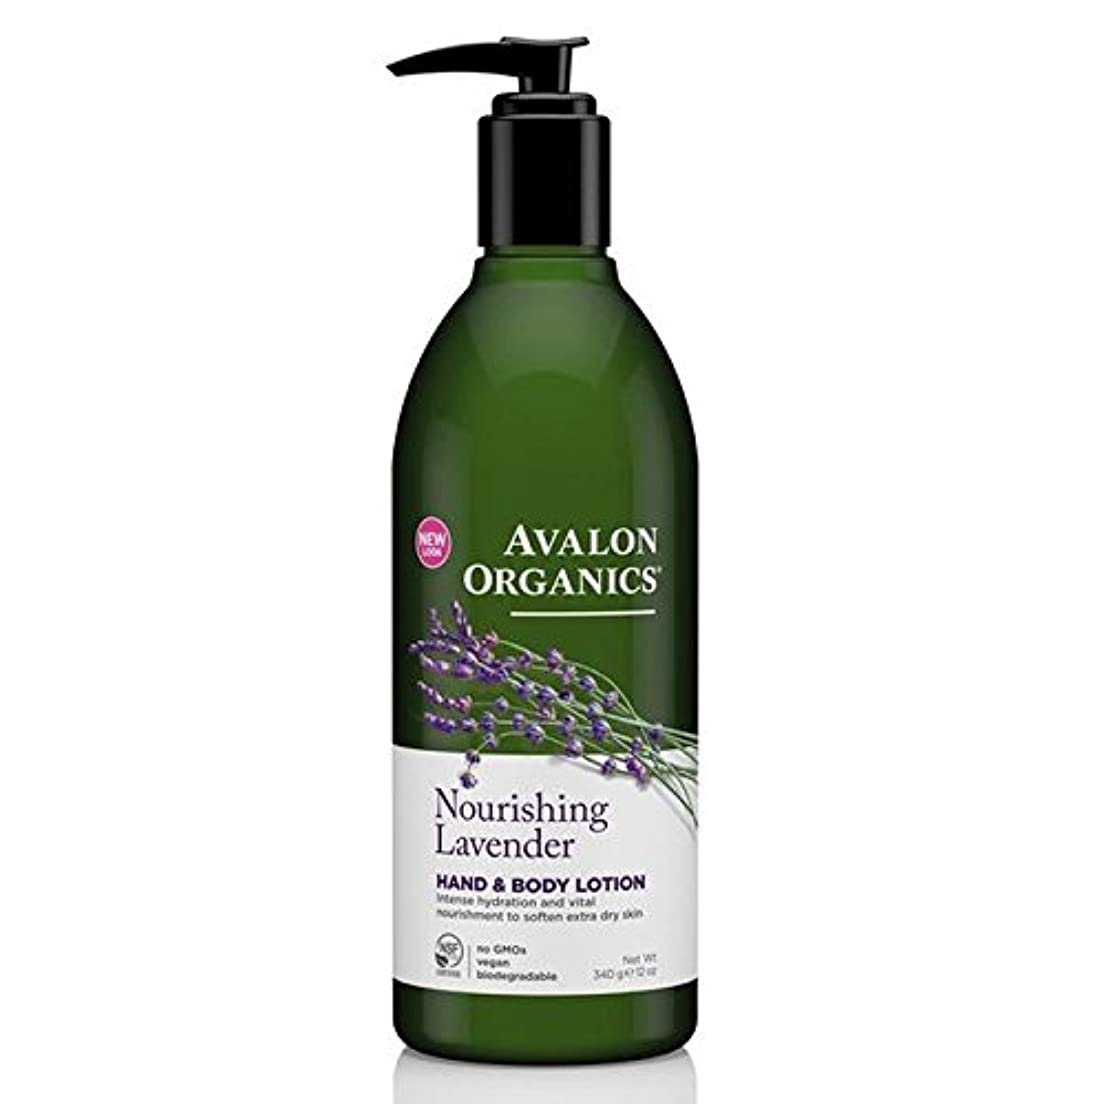 ルアー調和のとれたアソシエイトAvalon Organics Lavender Hand & Body Lotion 340g - (Avalon) ラベンダーハンド&ボディローション340グラム [並行輸入品]